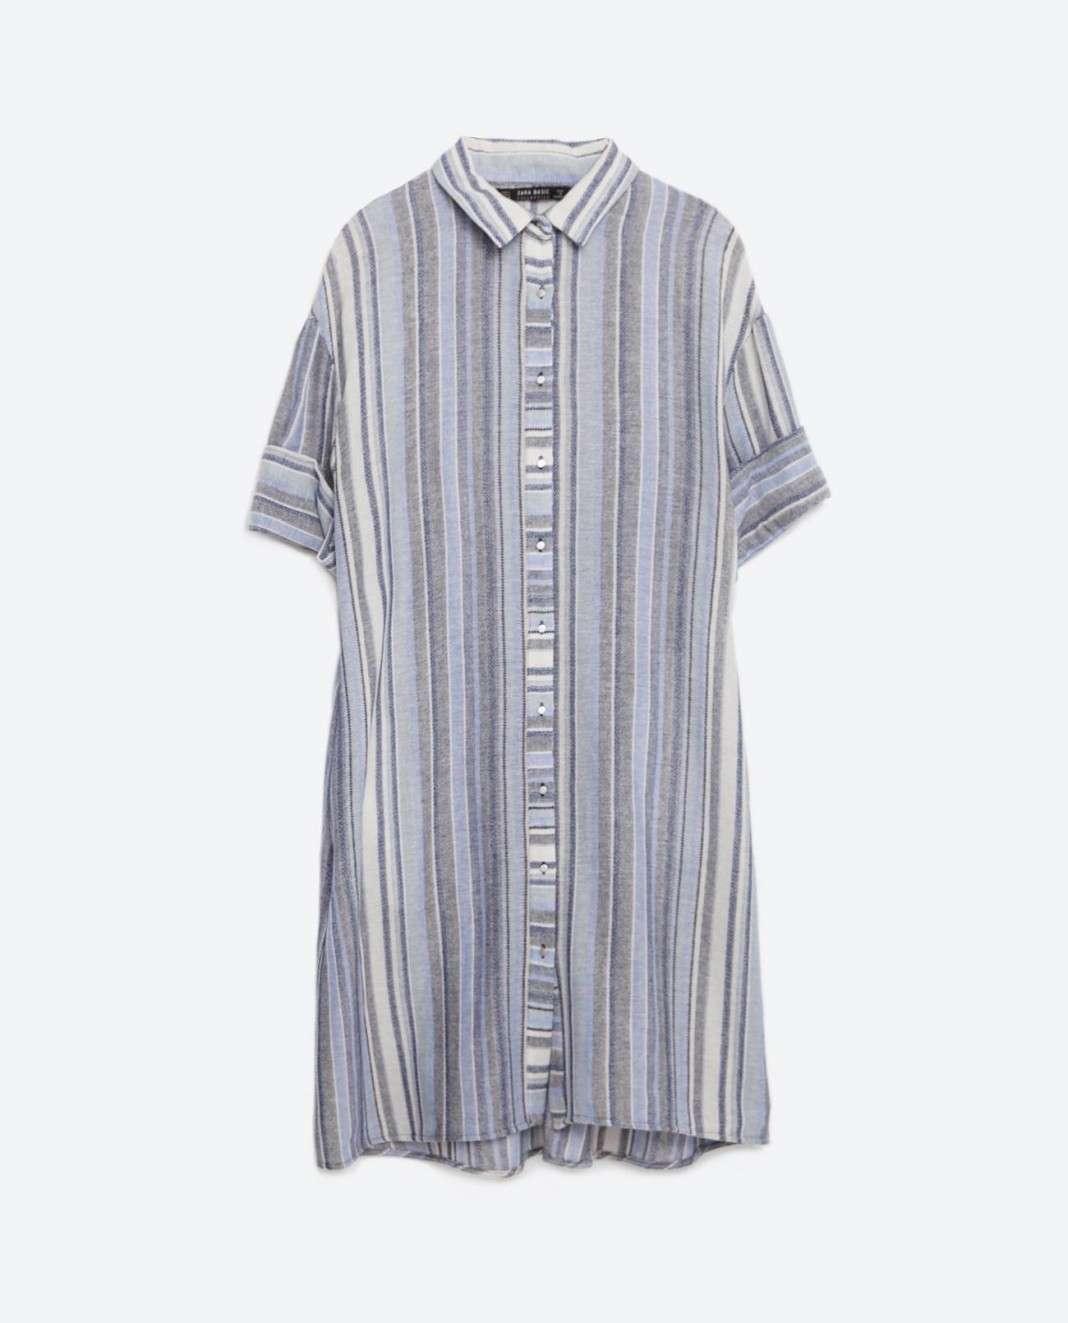 vestidos de Zara para el verano 2016 camisa horizontal